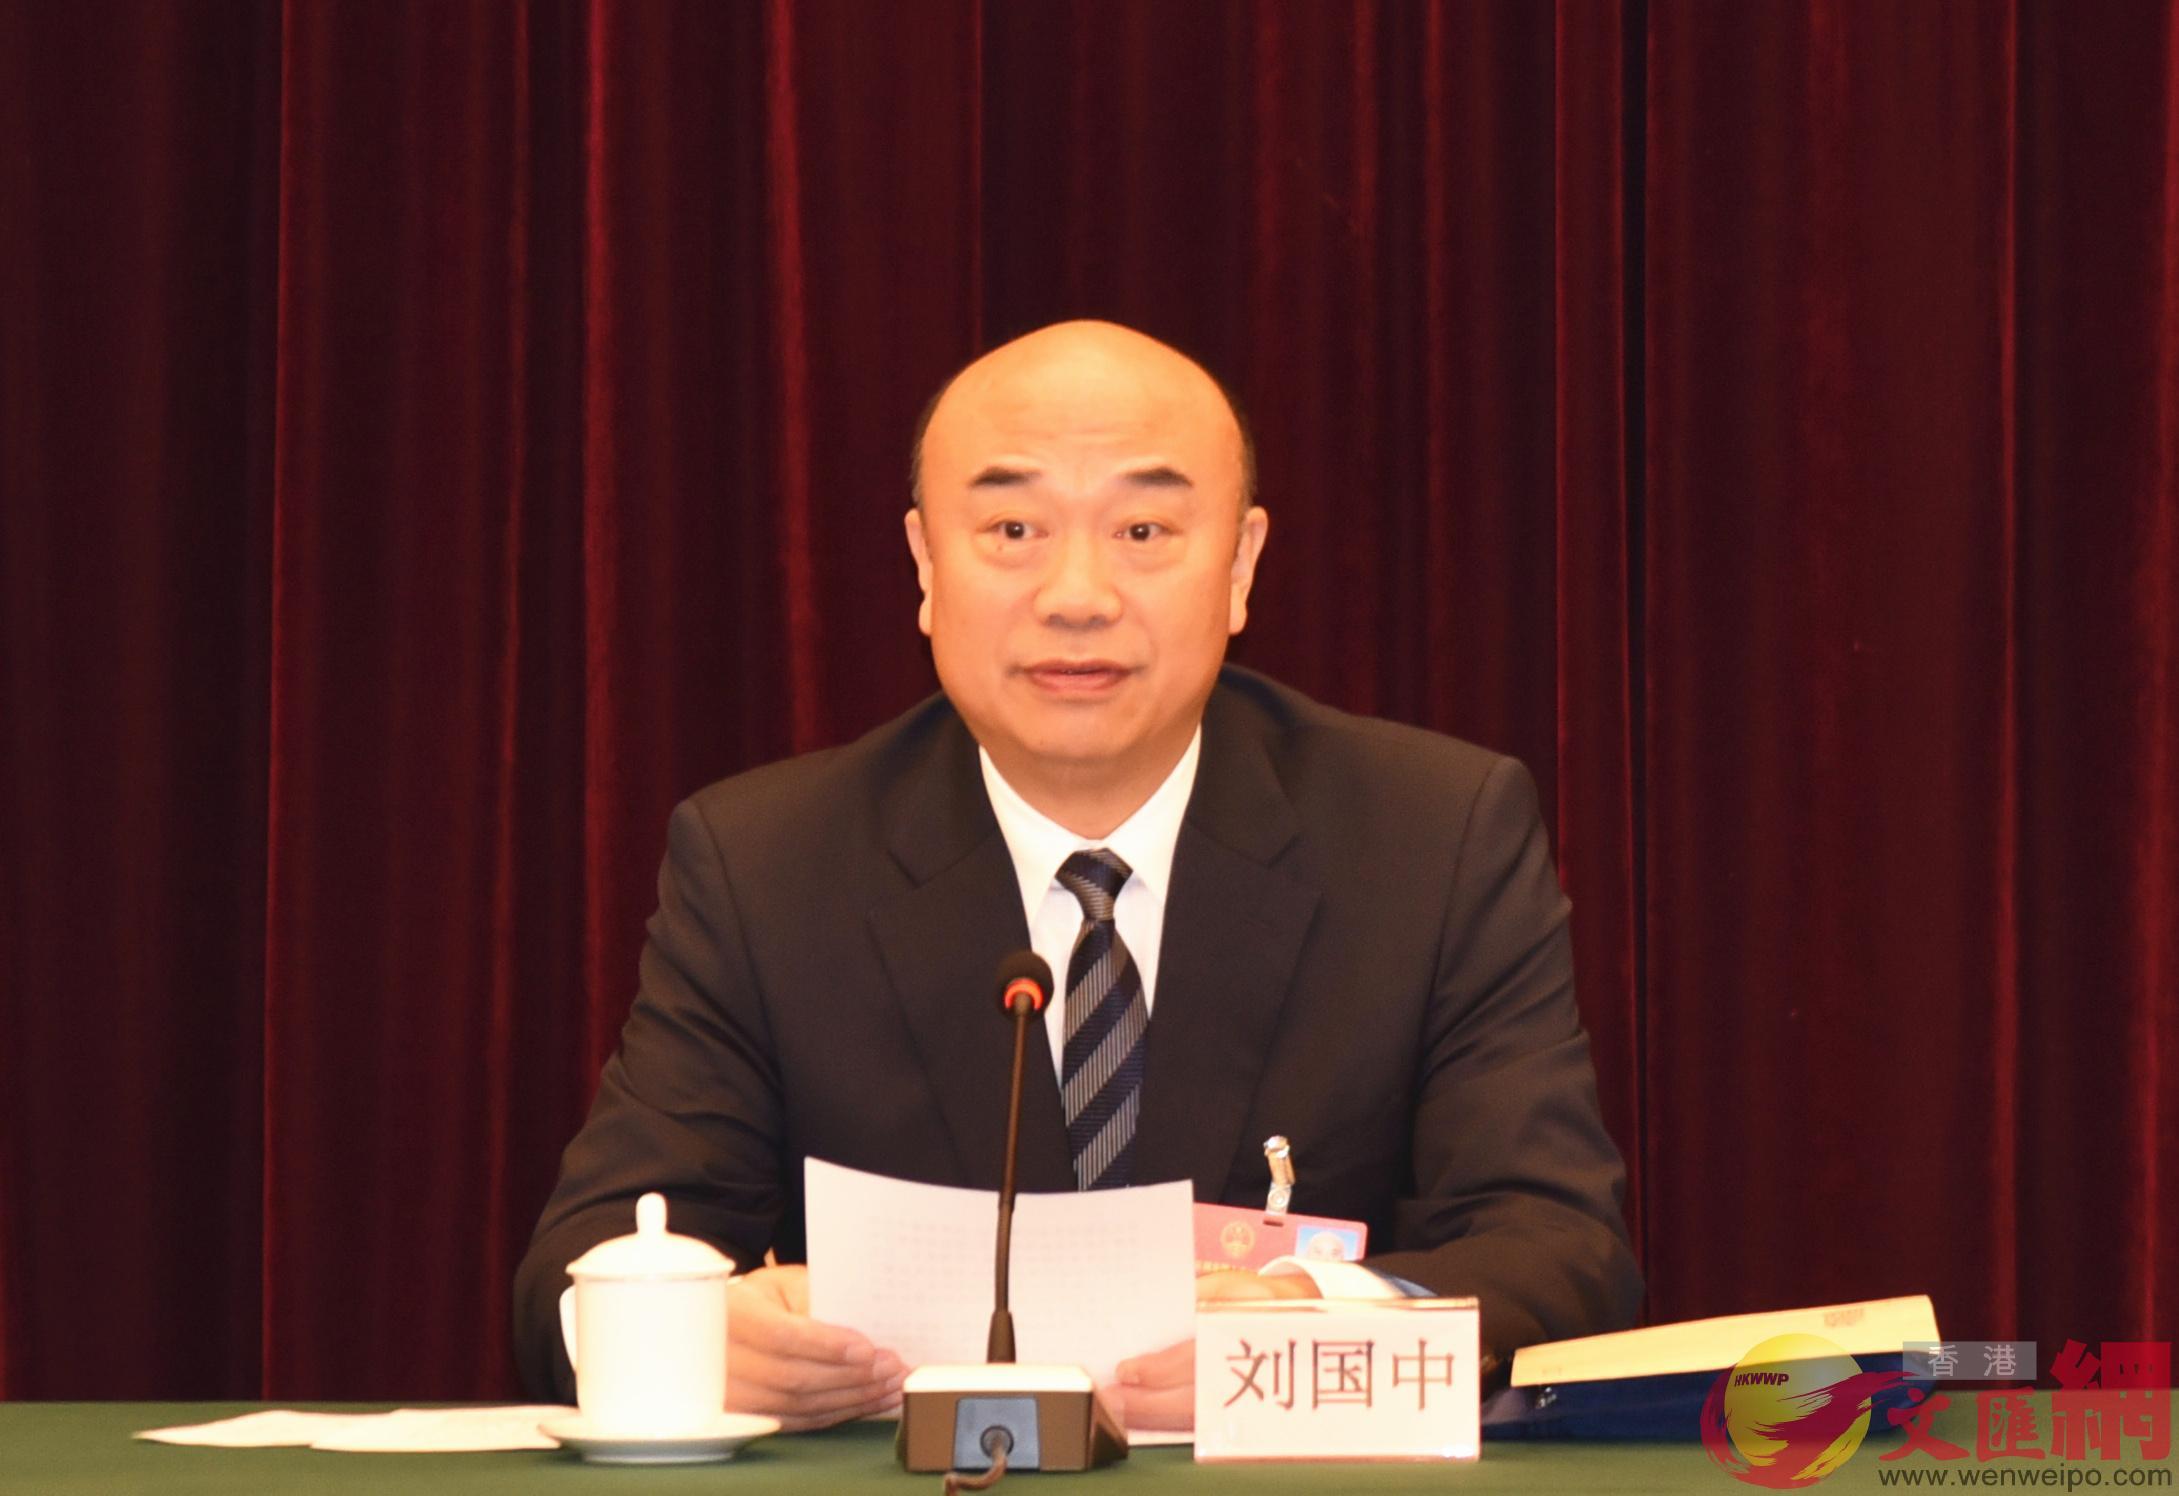 全國人大代表、陝西省省長劉國中(記者 李陽波 攝)